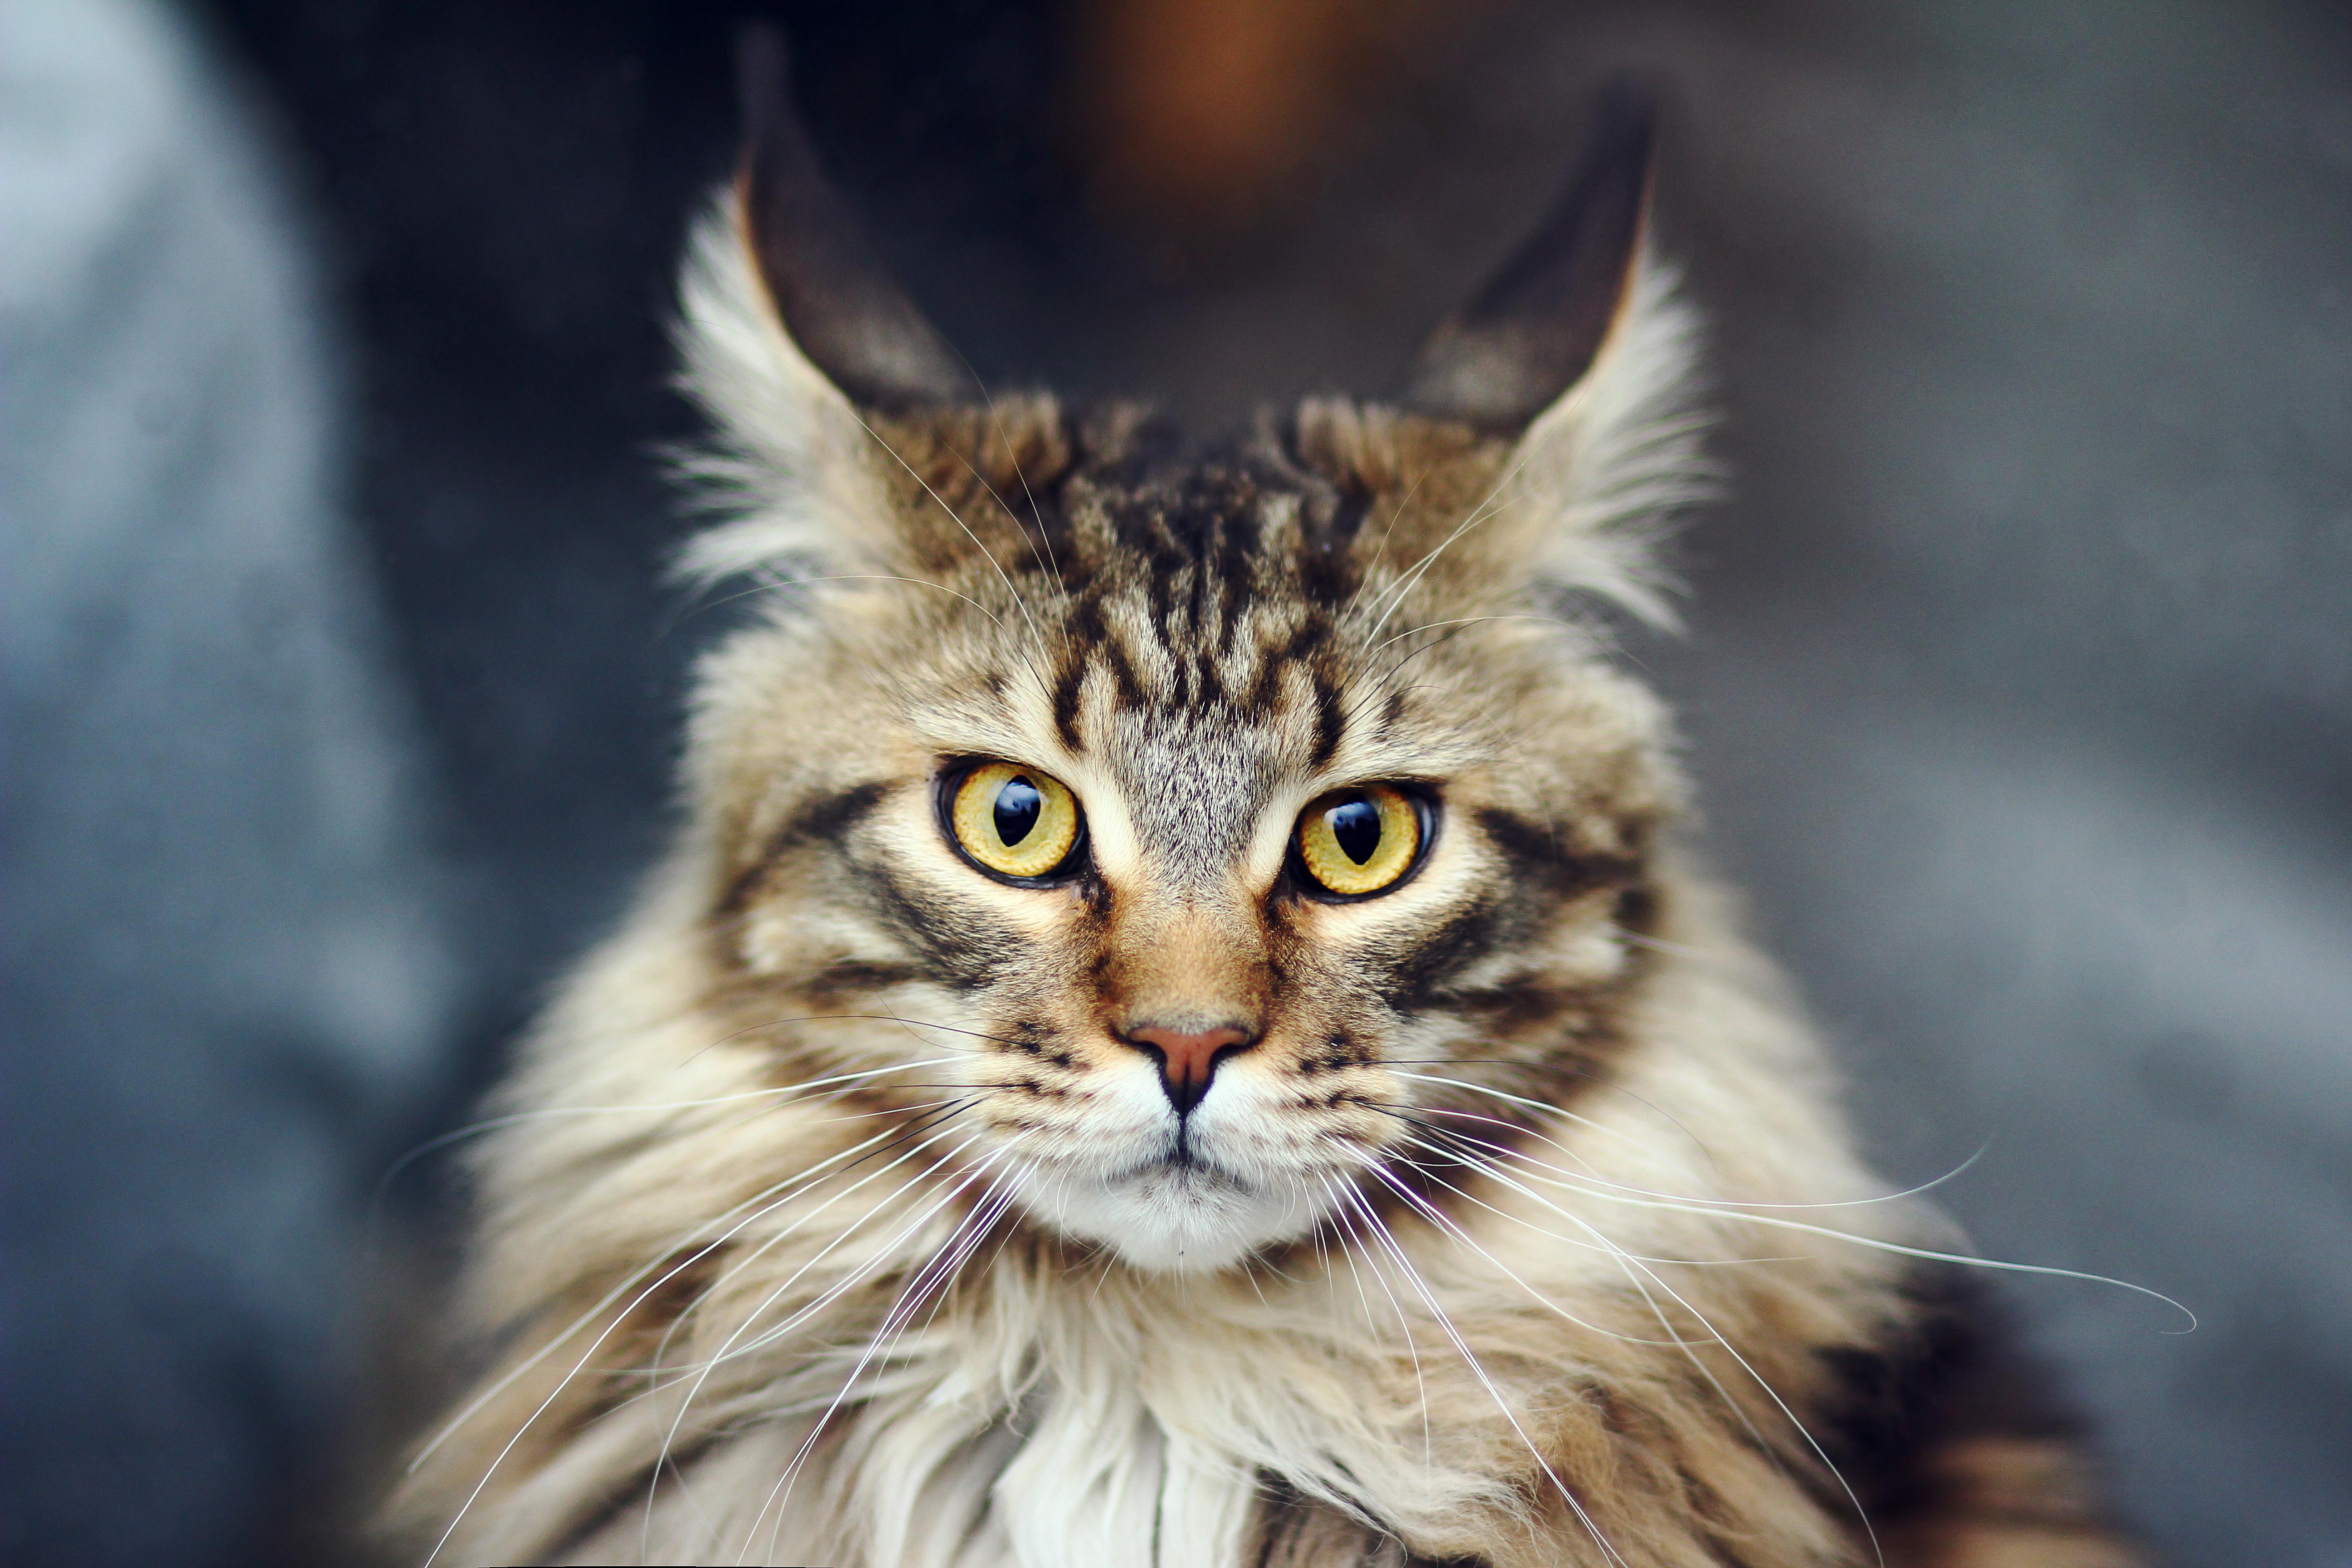 97274 Hintergrundbild herunterladen Katze, Tiere, Der Kater, Flauschige, Schnauze, Gestreift - Bildschirmschoner und Bilder kostenlos